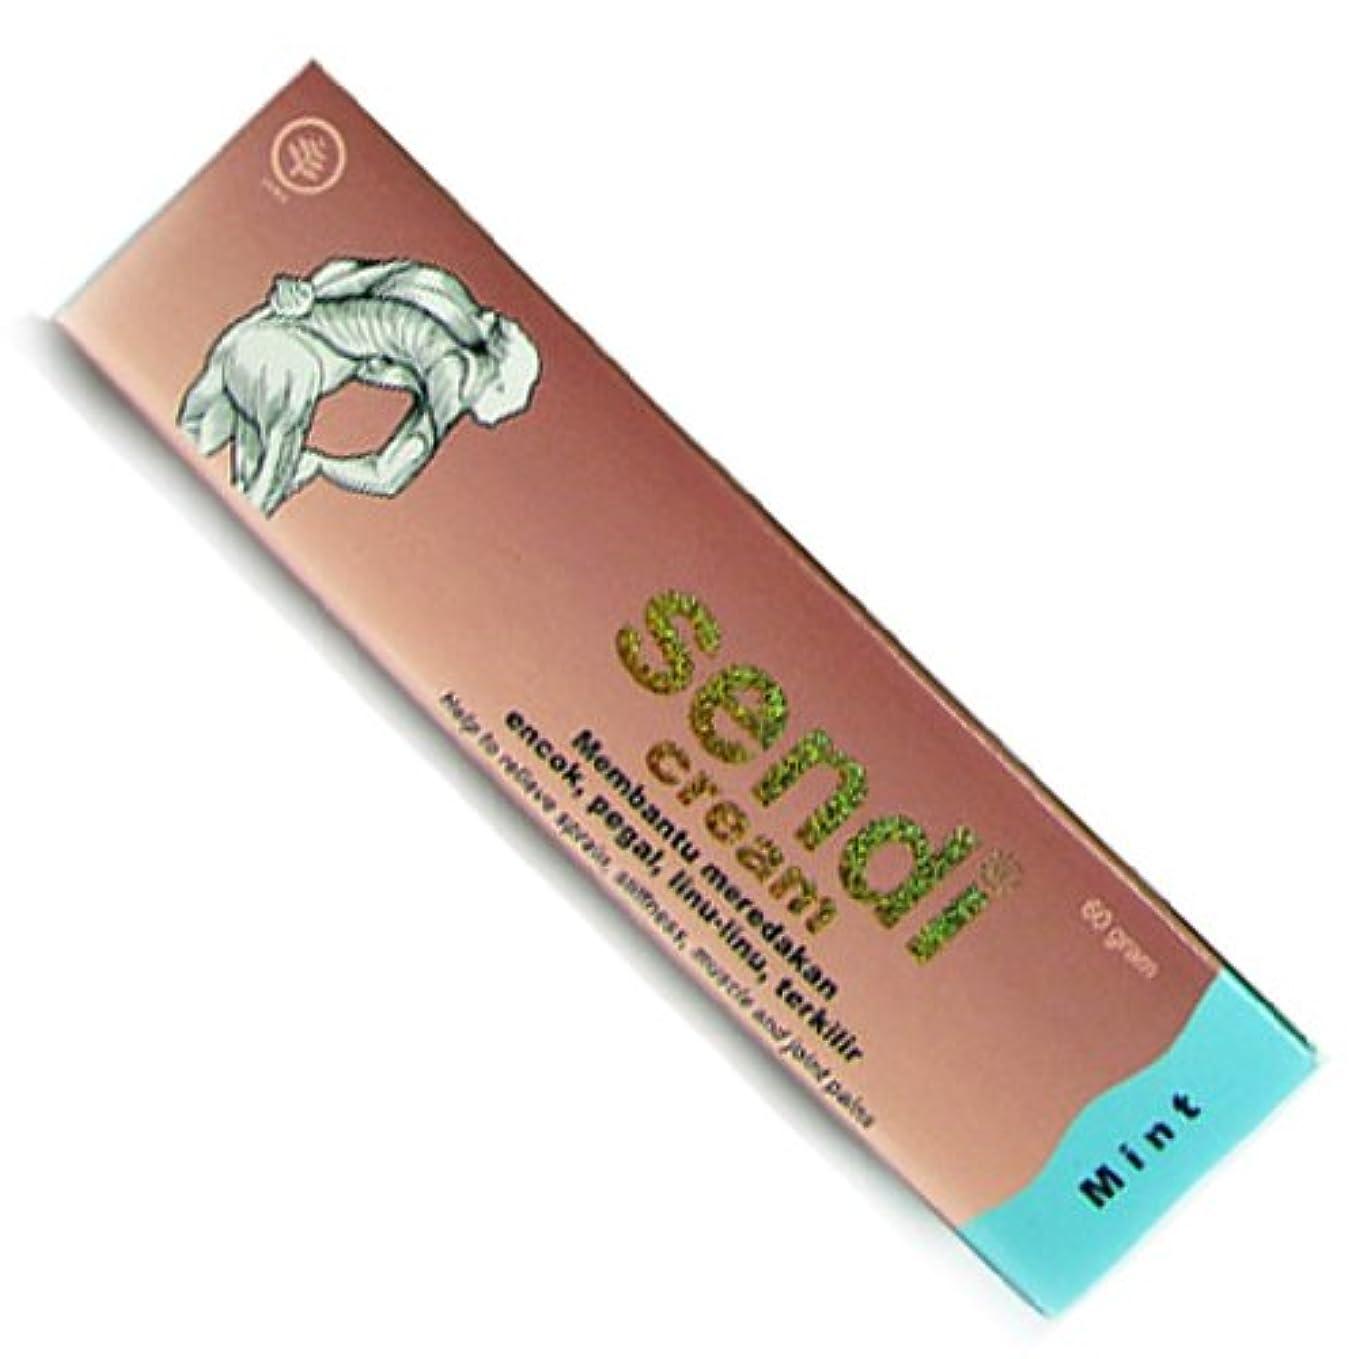 サラミ滅びる韓国語Sendi Cream スンディクリーム60g[並行輸入品][海外直送品]ミント